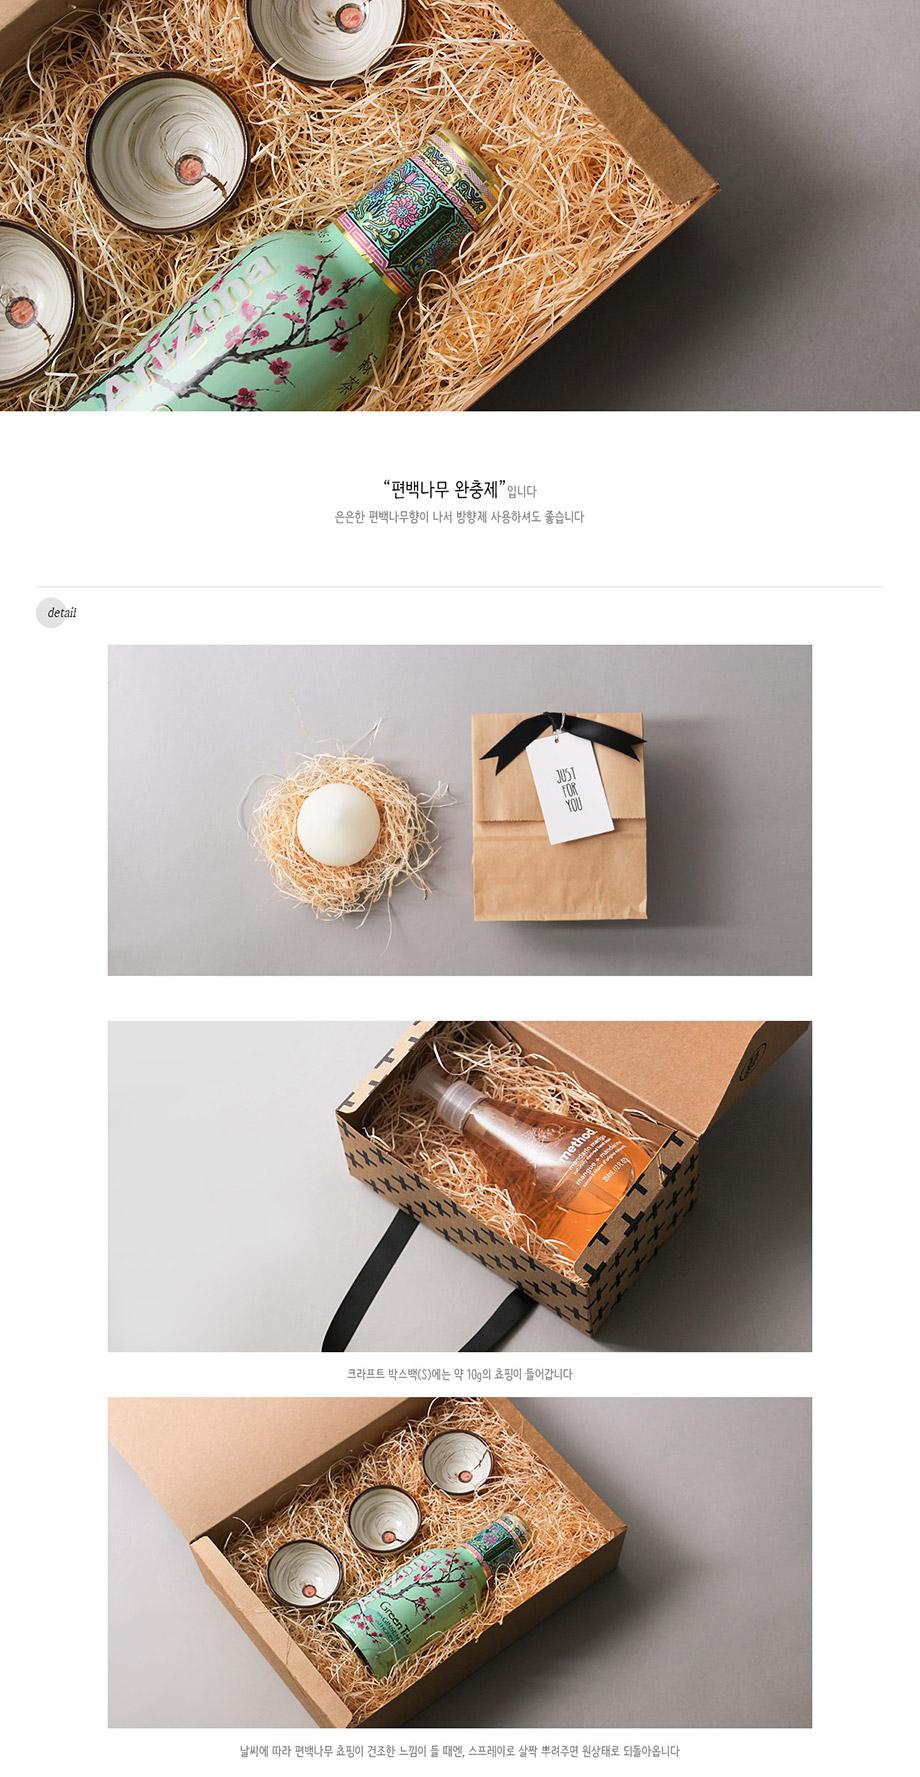 편백나무 쵸핑(15g)1,800원-헬로우모리스디자인문구, 선물포장, 리본/포장소품, 쵸핑지바보사랑편백나무 쵸핑(15g)1,800원-헬로우모리스디자인문구, 선물포장, 리본/포장소품, 쵸핑지바보사랑